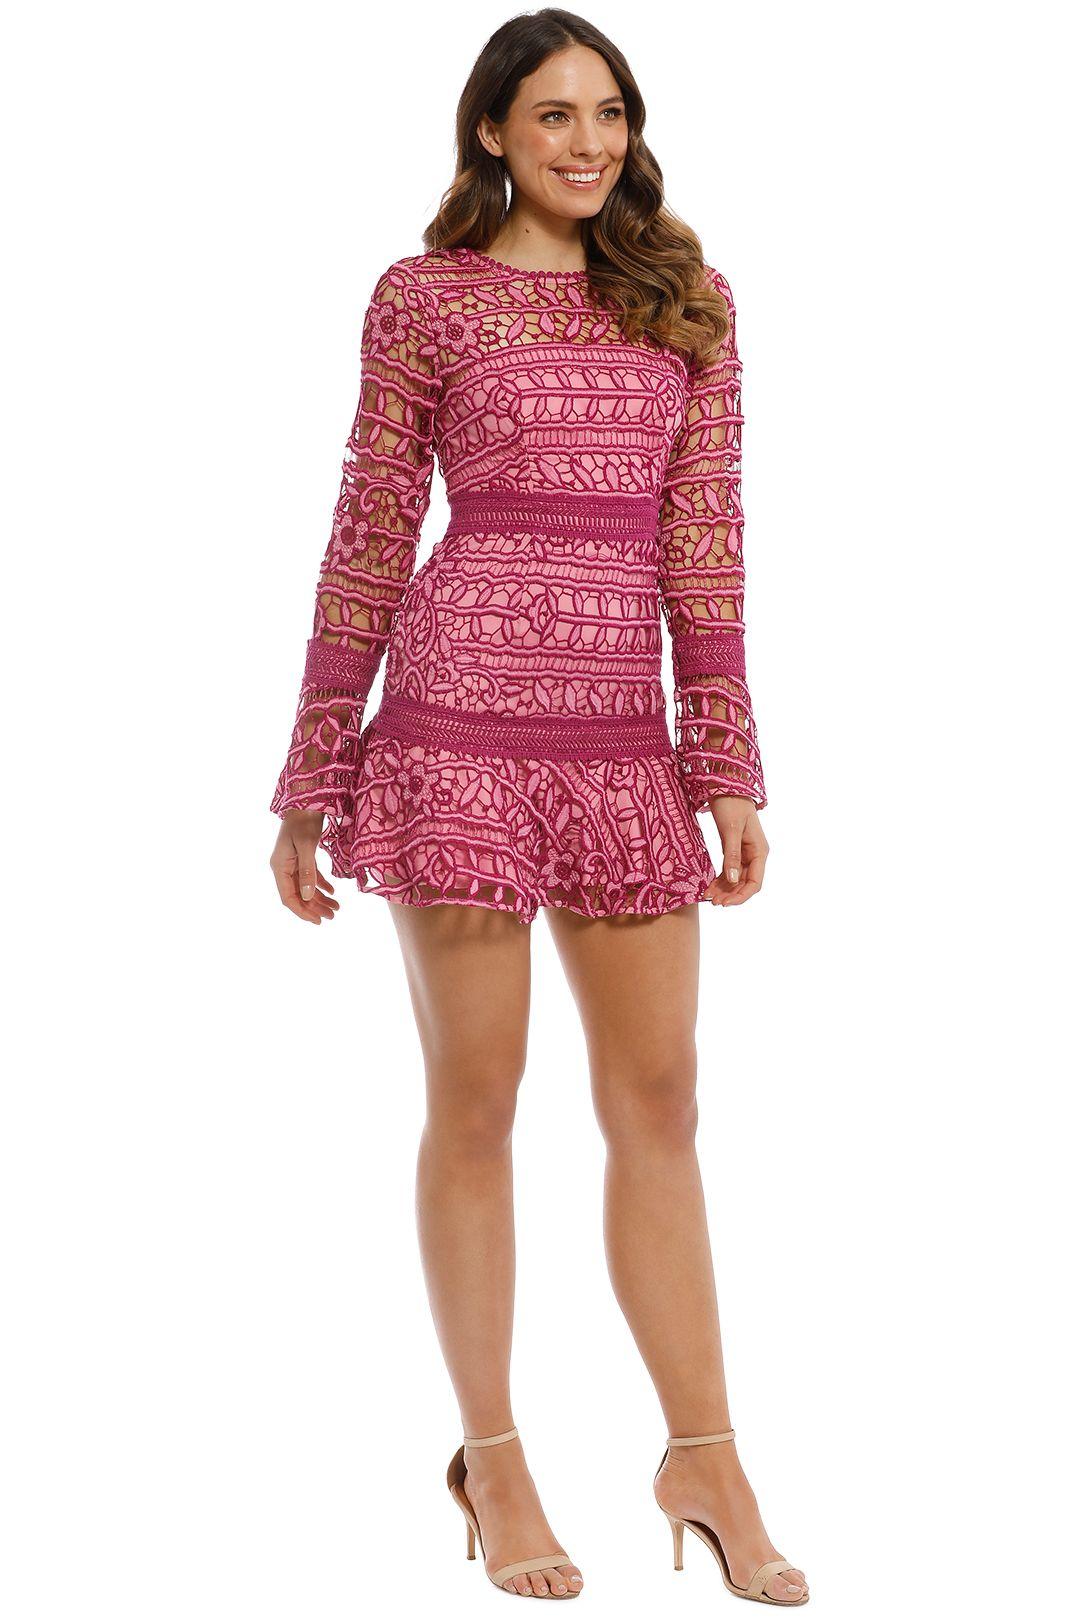 Talulah - Caprice Mini Dress - Multi Pink - SIde